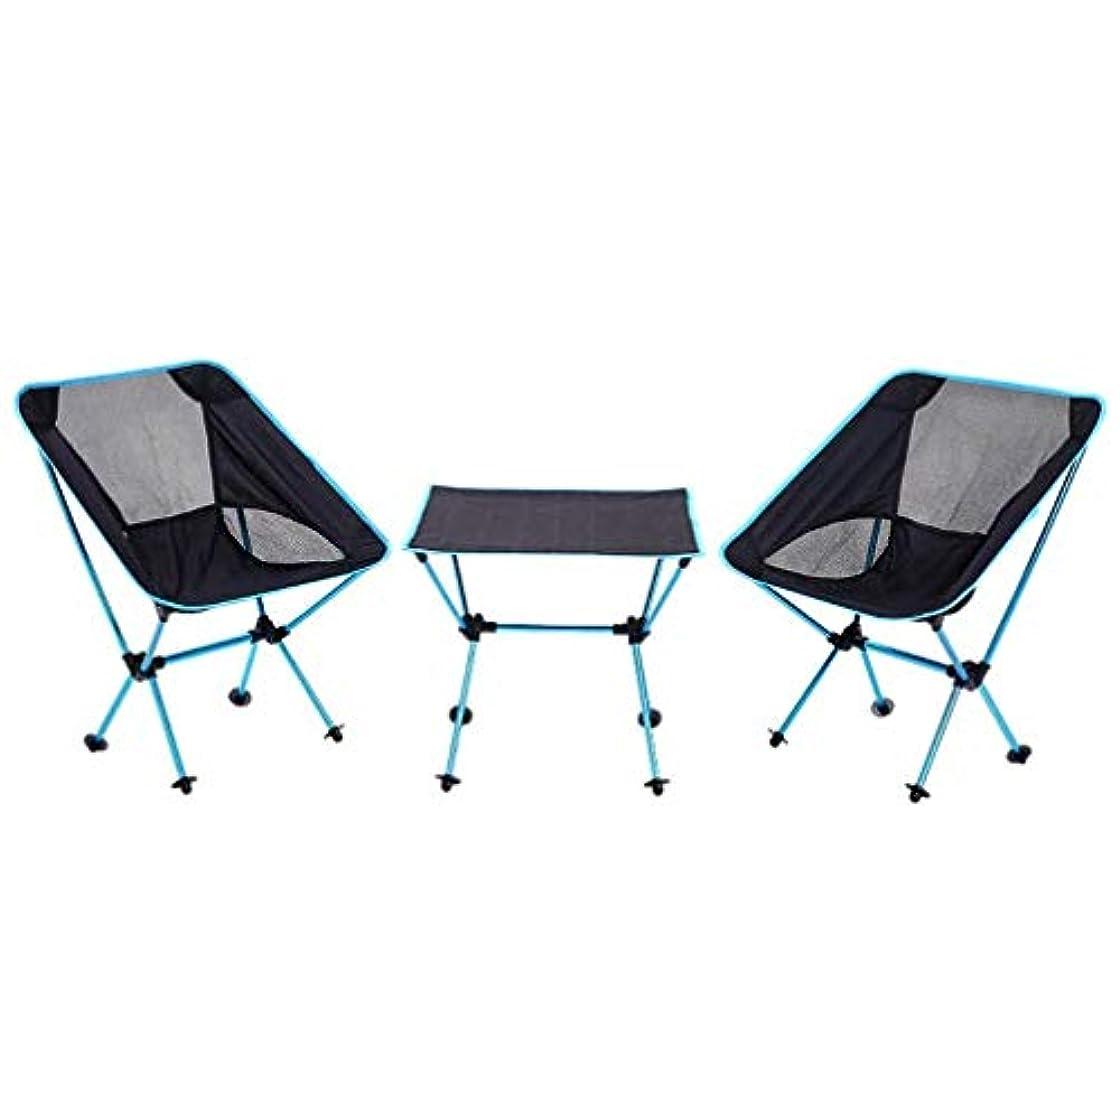 歌可能メンターキャンプのバーベキューパーティーブルーに適したポータブルピクニックテーブル屋外折りたたみテーブルと椅子セット Carl Artbay